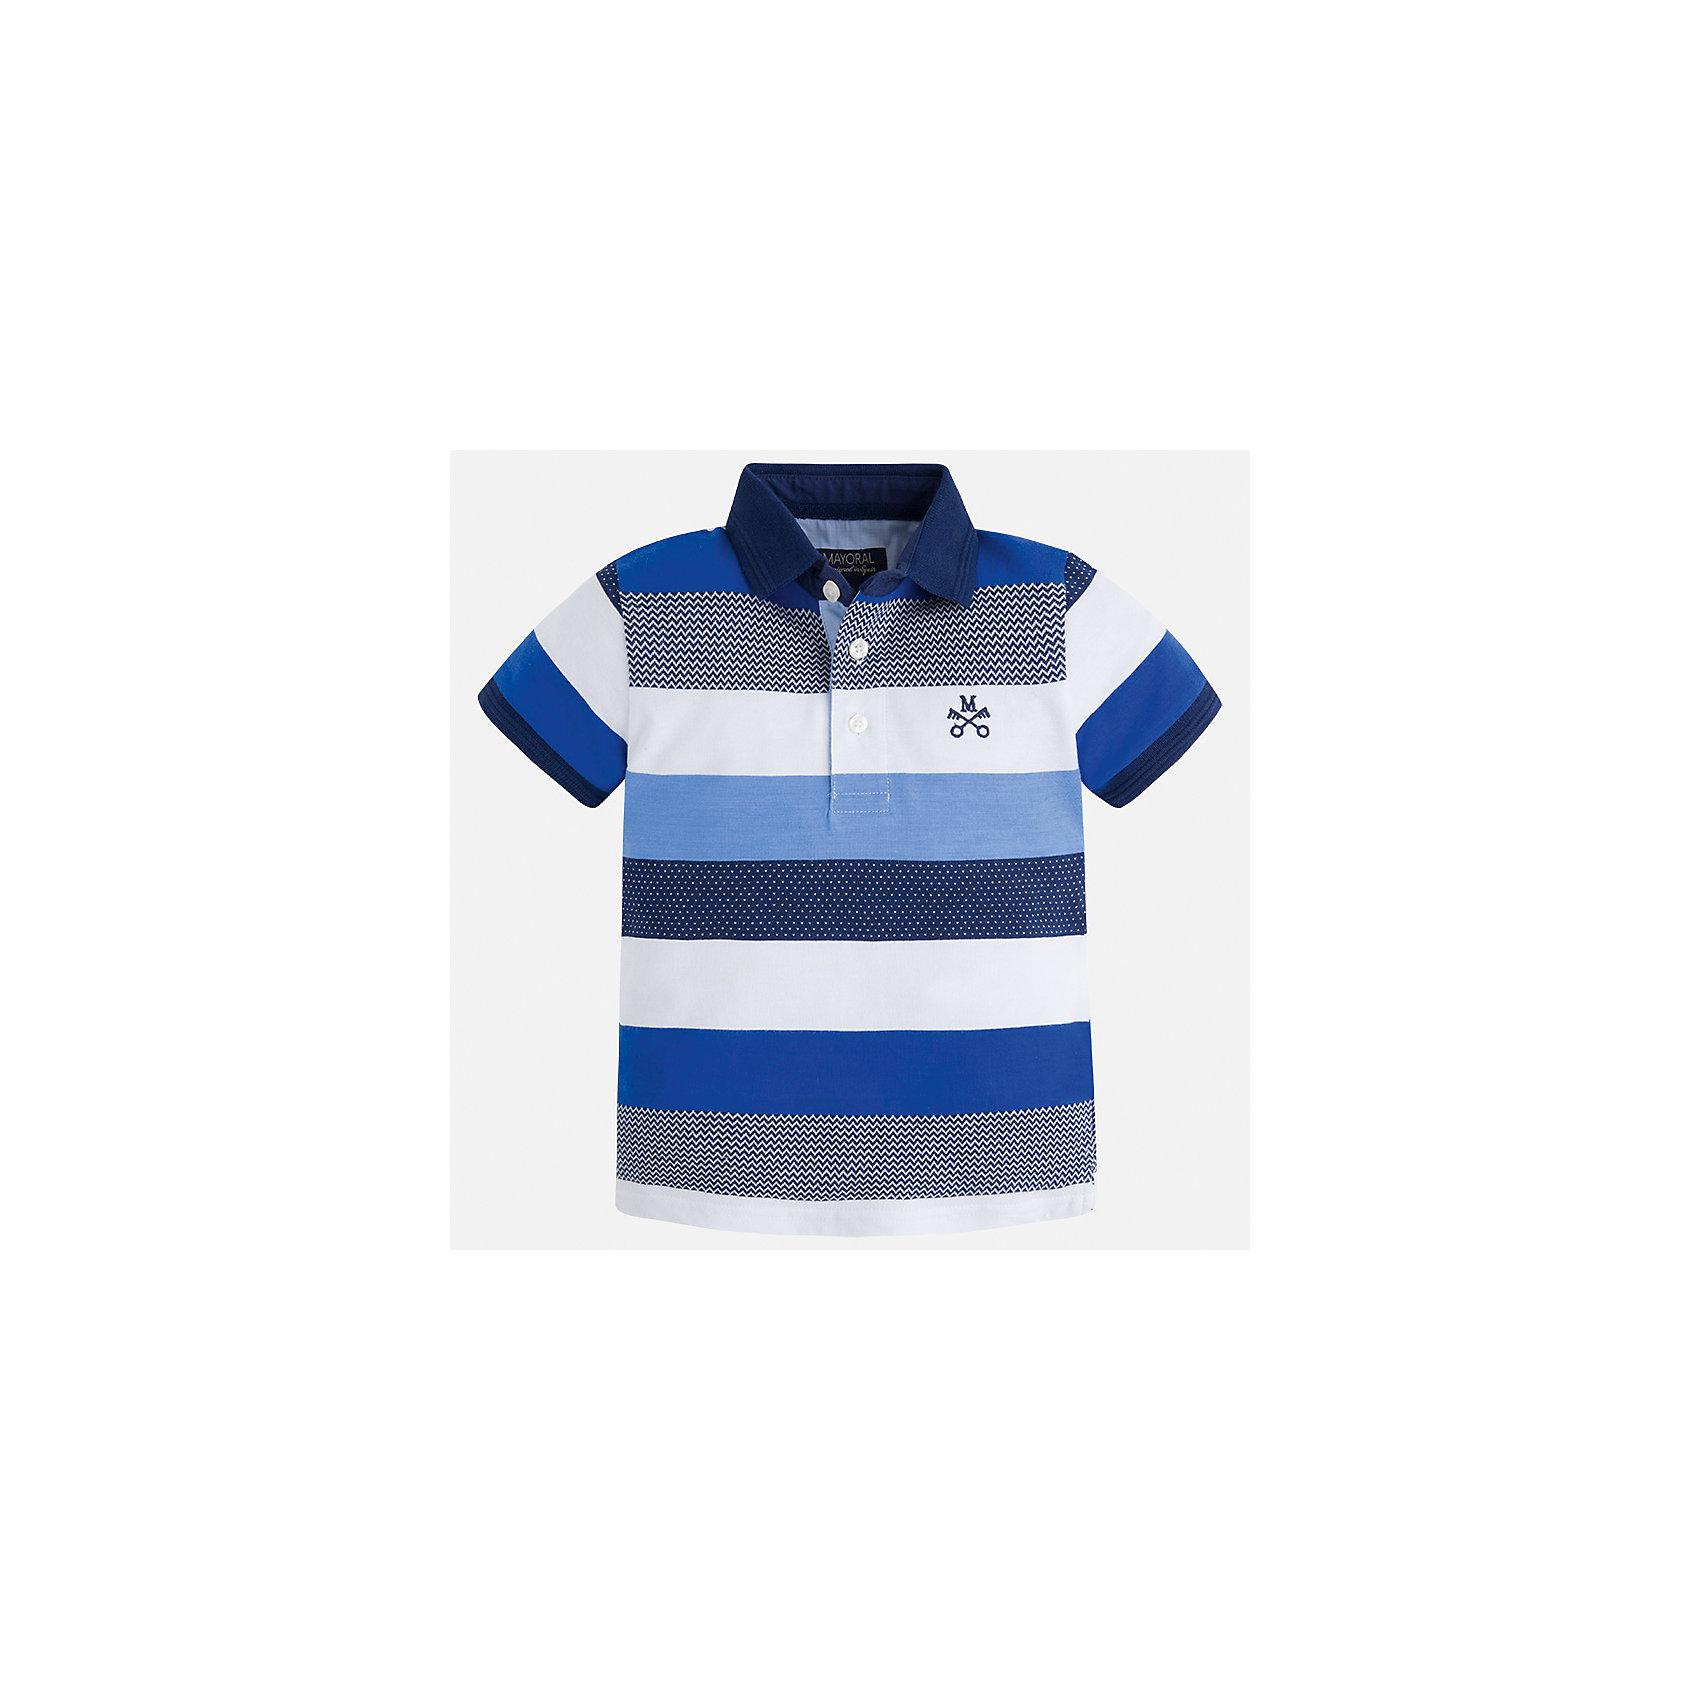 Футболка-поло для мальчика MayoralФутболки, поло и топы<br>Характеристики товара:<br><br>• цвет: белый/синий<br>• состав: 100% хлопок<br>• отложной воротник<br>• короткие рукава<br>• застежка: пуговицы<br>• декорирована вышивкой<br>• страна бренда: Испания<br><br>Модная футболку-поло для мальчика может стать базовой вещью в гардеробе ребенка. Она отлично сочетается с брюками, шортами, джинсами и т.д. Универсальный крой и цвет позволяет подобрать к вещи низ разных расцветок. Практичное и стильное изделие! В составе материала - только натуральный хлопок, гипоаллергенный, приятный на ощупь, дышащий.<br><br>Одежда, обувь и аксессуары от испанского бренда Mayoral полюбились детям и взрослым по всему миру. Модели этой марки - стильные и удобные. Для их производства используются только безопасные, качественные материалы и фурнитура. Порадуйте ребенка модными и красивыми вещами от Mayoral! <br><br>Футболку-поло для мальчика от испанского бренда Mayoral (Майорал) можно купить в нашем интернет-магазине.<br><br>Ширина мм: 230<br>Глубина мм: 40<br>Высота мм: 220<br>Вес г: 250<br>Цвет: голубой<br>Возраст от месяцев: 48<br>Возраст до месяцев: 60<br>Пол: Мужской<br>Возраст: Детский<br>Размер: 110,128,116,122,98,134,92,104<br>SKU: 5271913